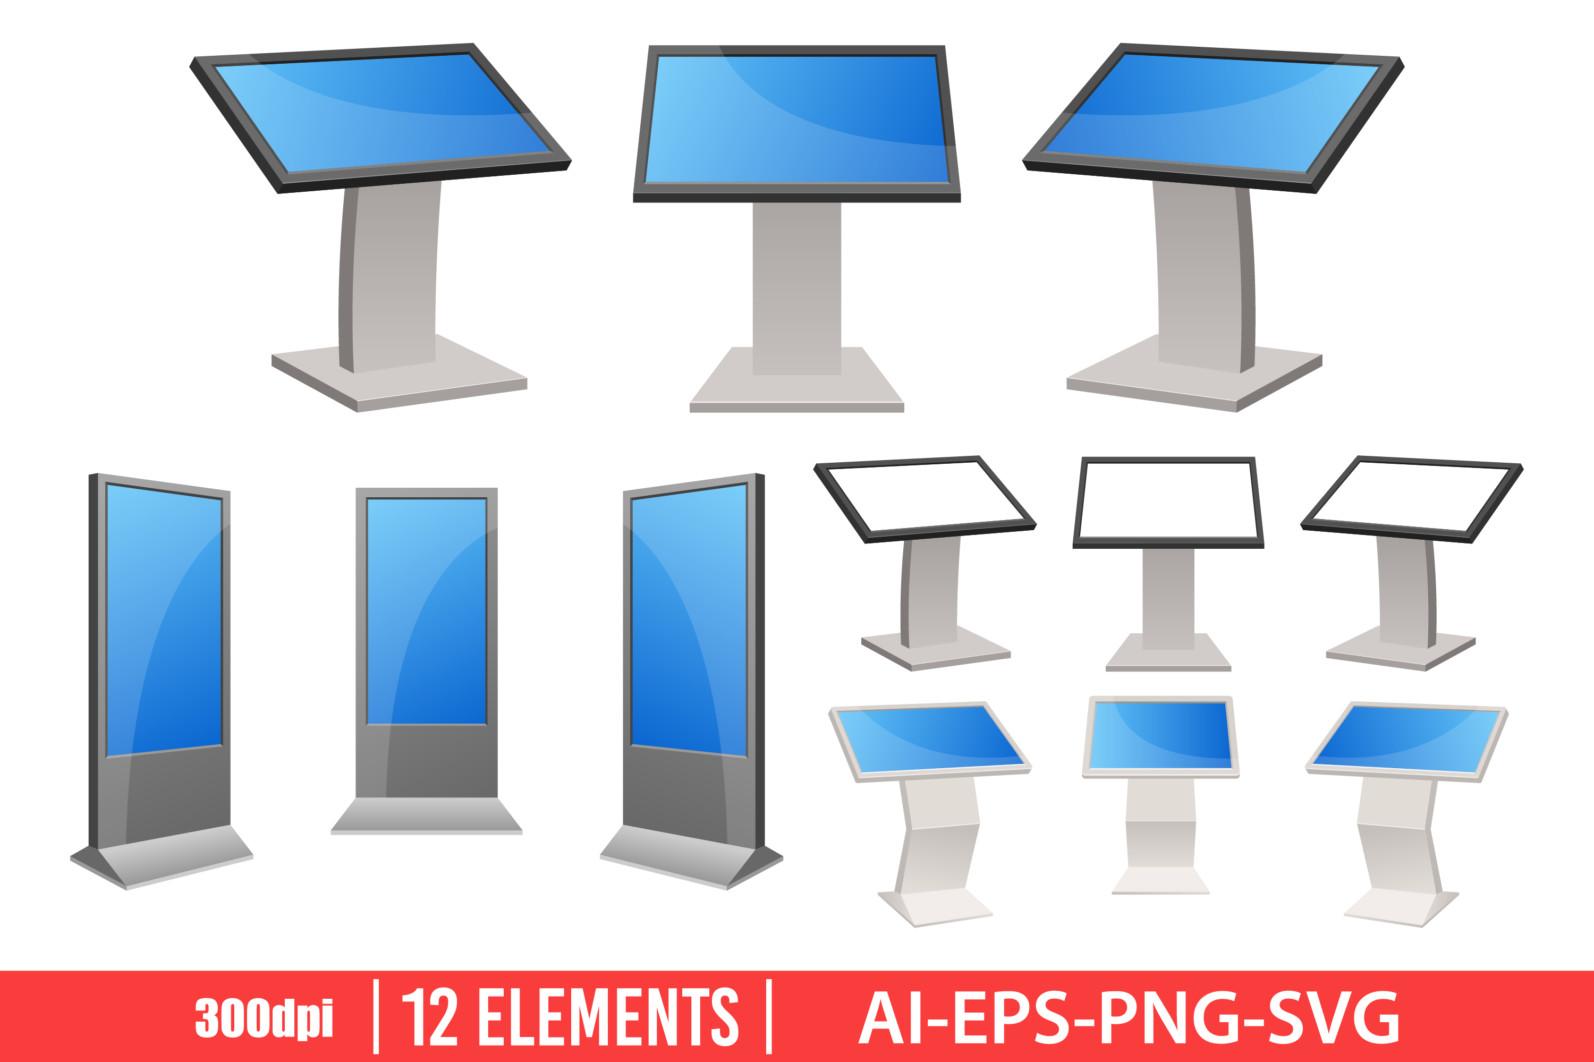 Digital kiosk clipart vector design illustration. Digital kiosk set. Vector Clipart Print - DIGITAL KIOSK scaled -